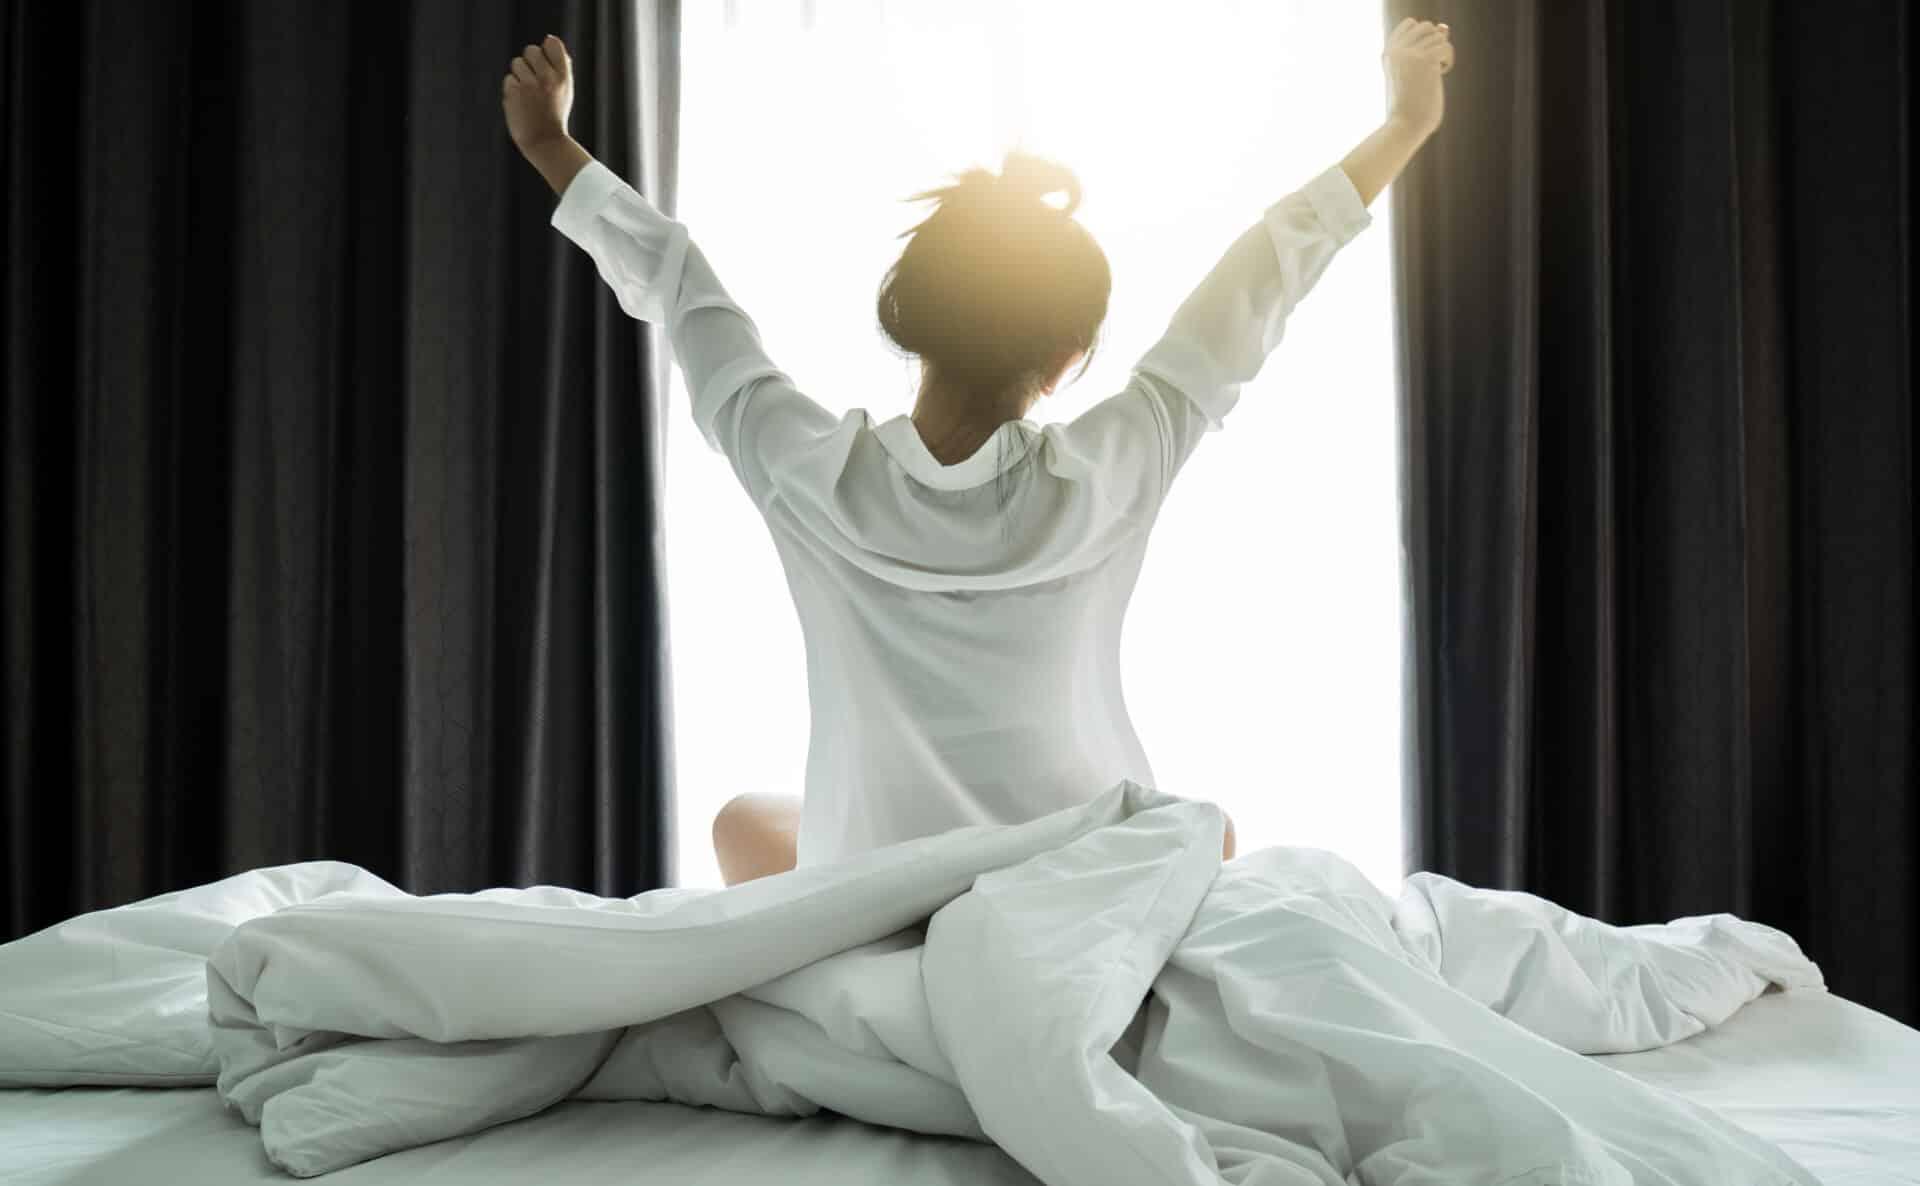 Morgens aufstehen gehört ebenfalls zur Routine